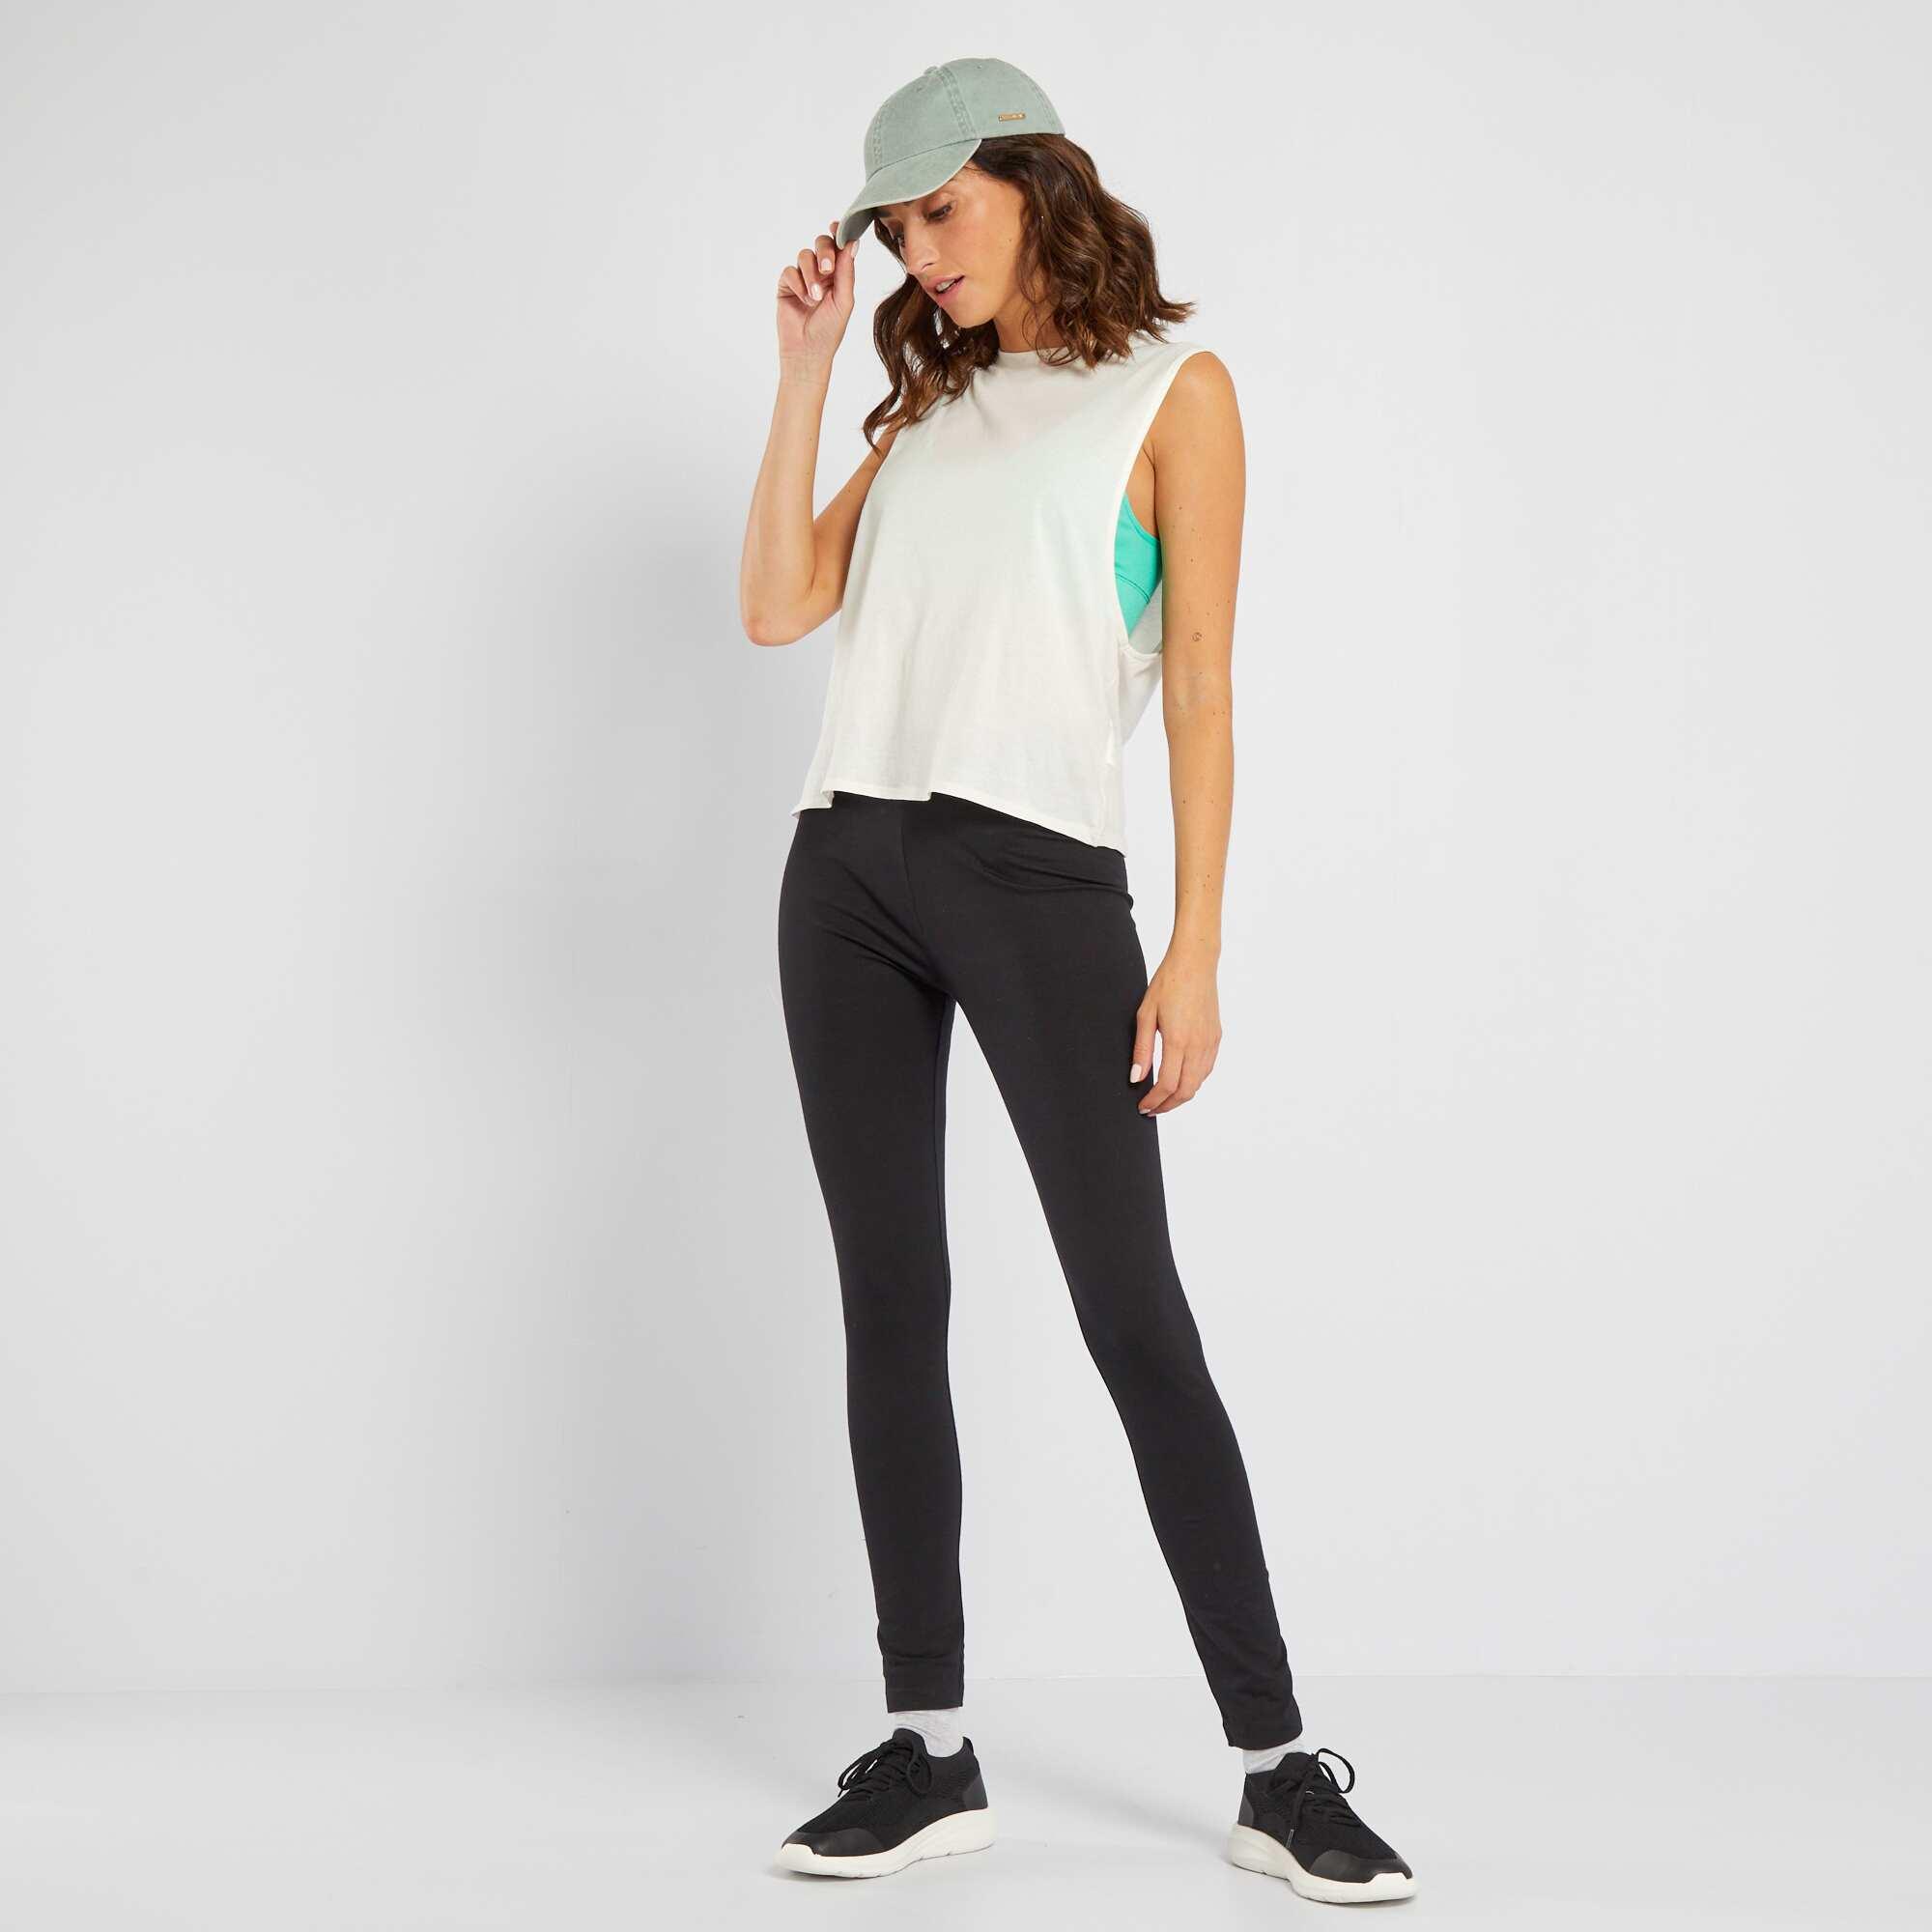 Couleur : noir, , ,, - Taille : XL, M, S,L,Tout confort, il est parfait pour la liberté de nos mouvements lors de l'exercice ! -